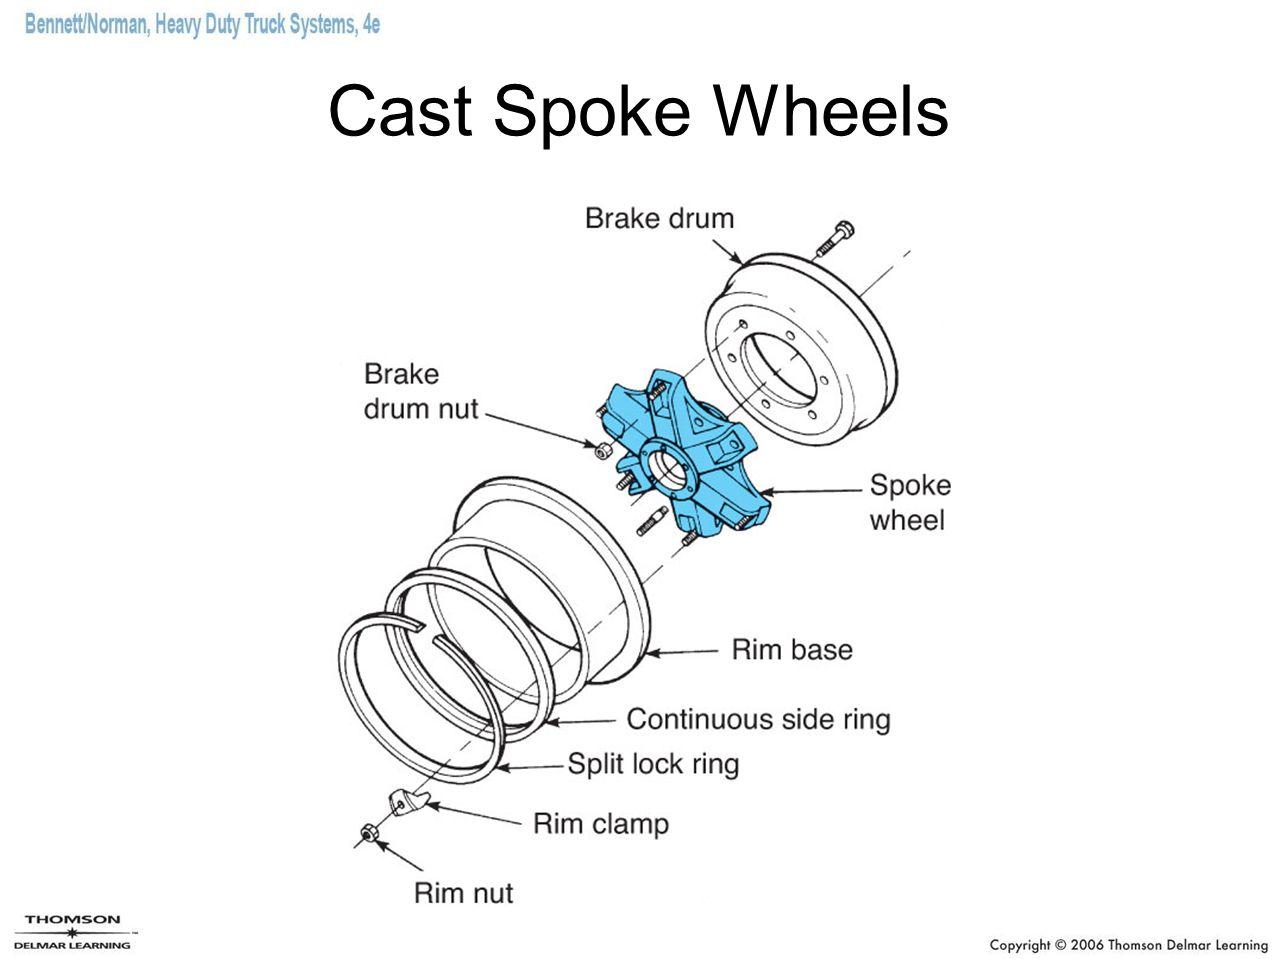 Cast Spoke Wheels